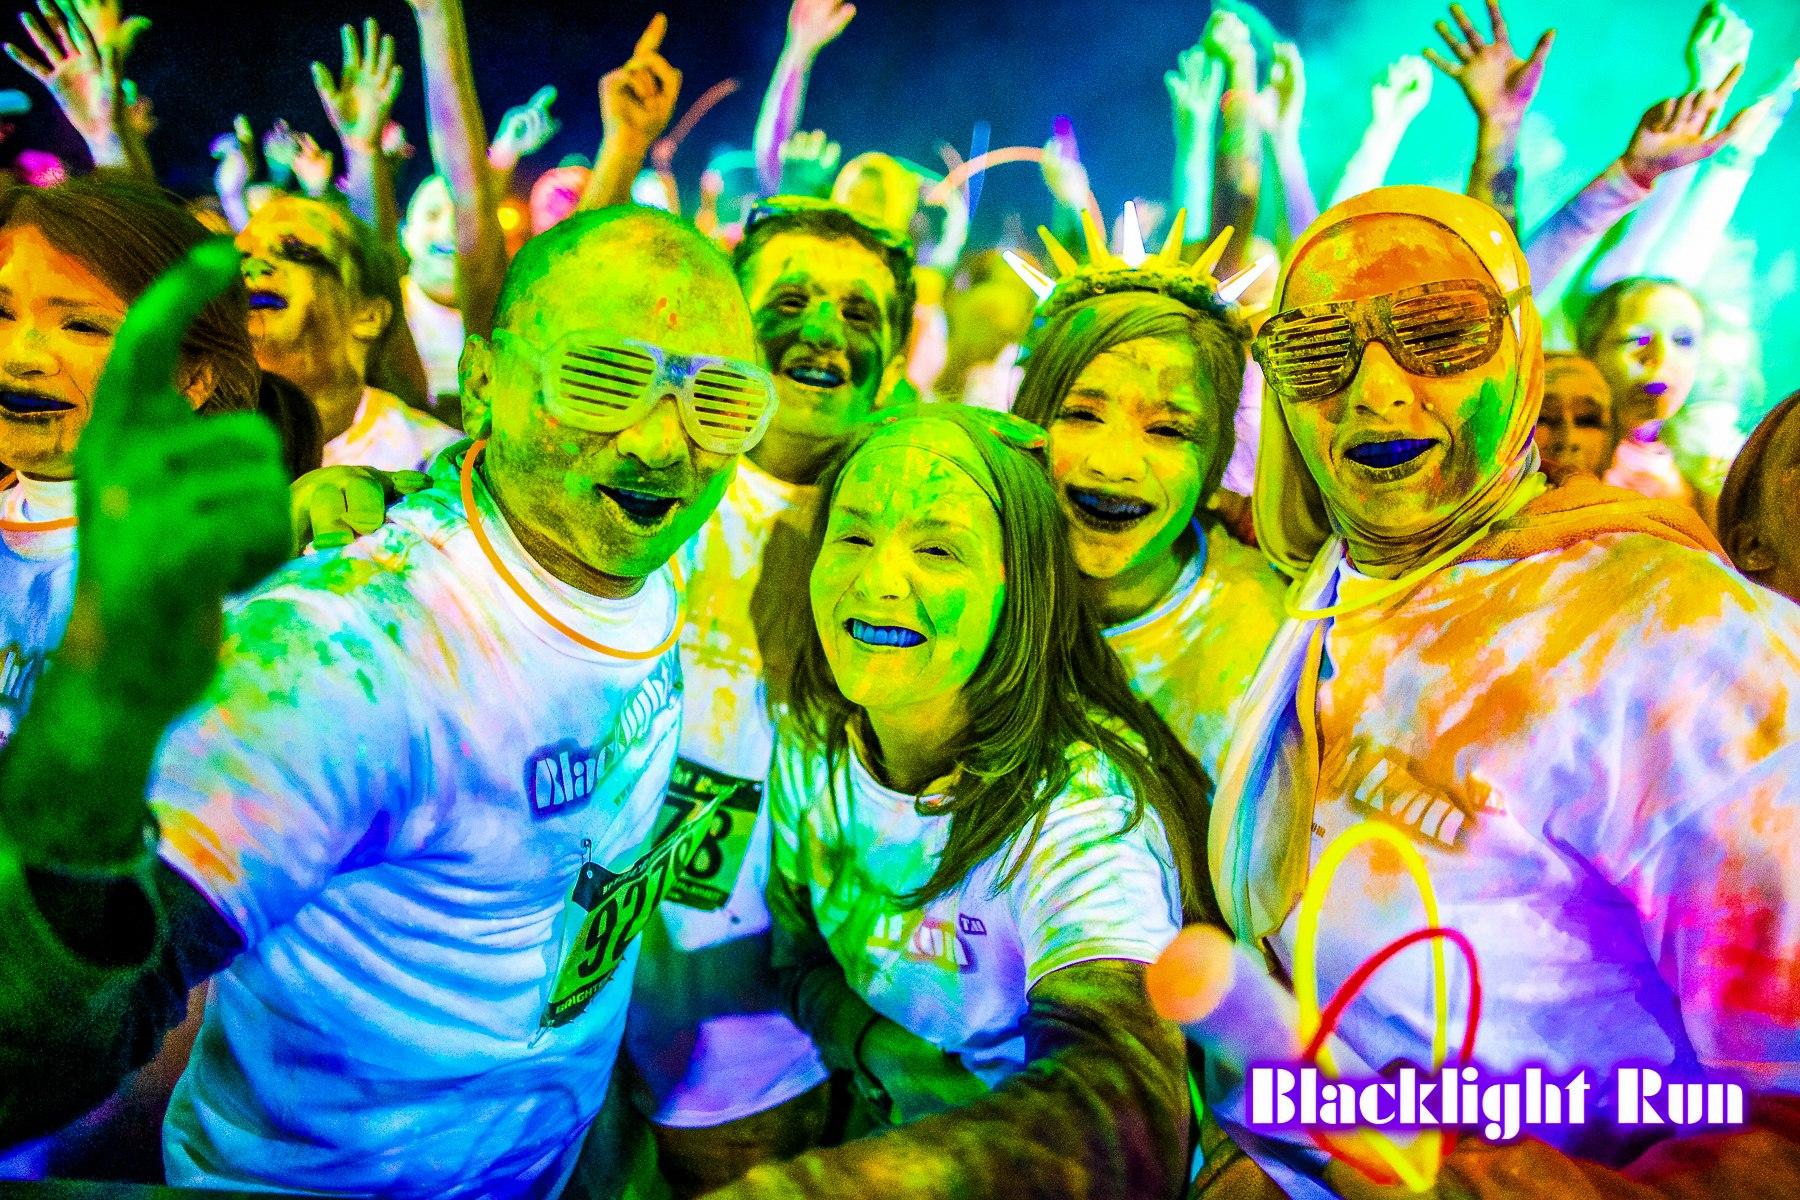 Black light t shirt ideas - Black Light T Shirt Ideas Blacklight Run T Shirts Design Ideas And Inspiring Photos For